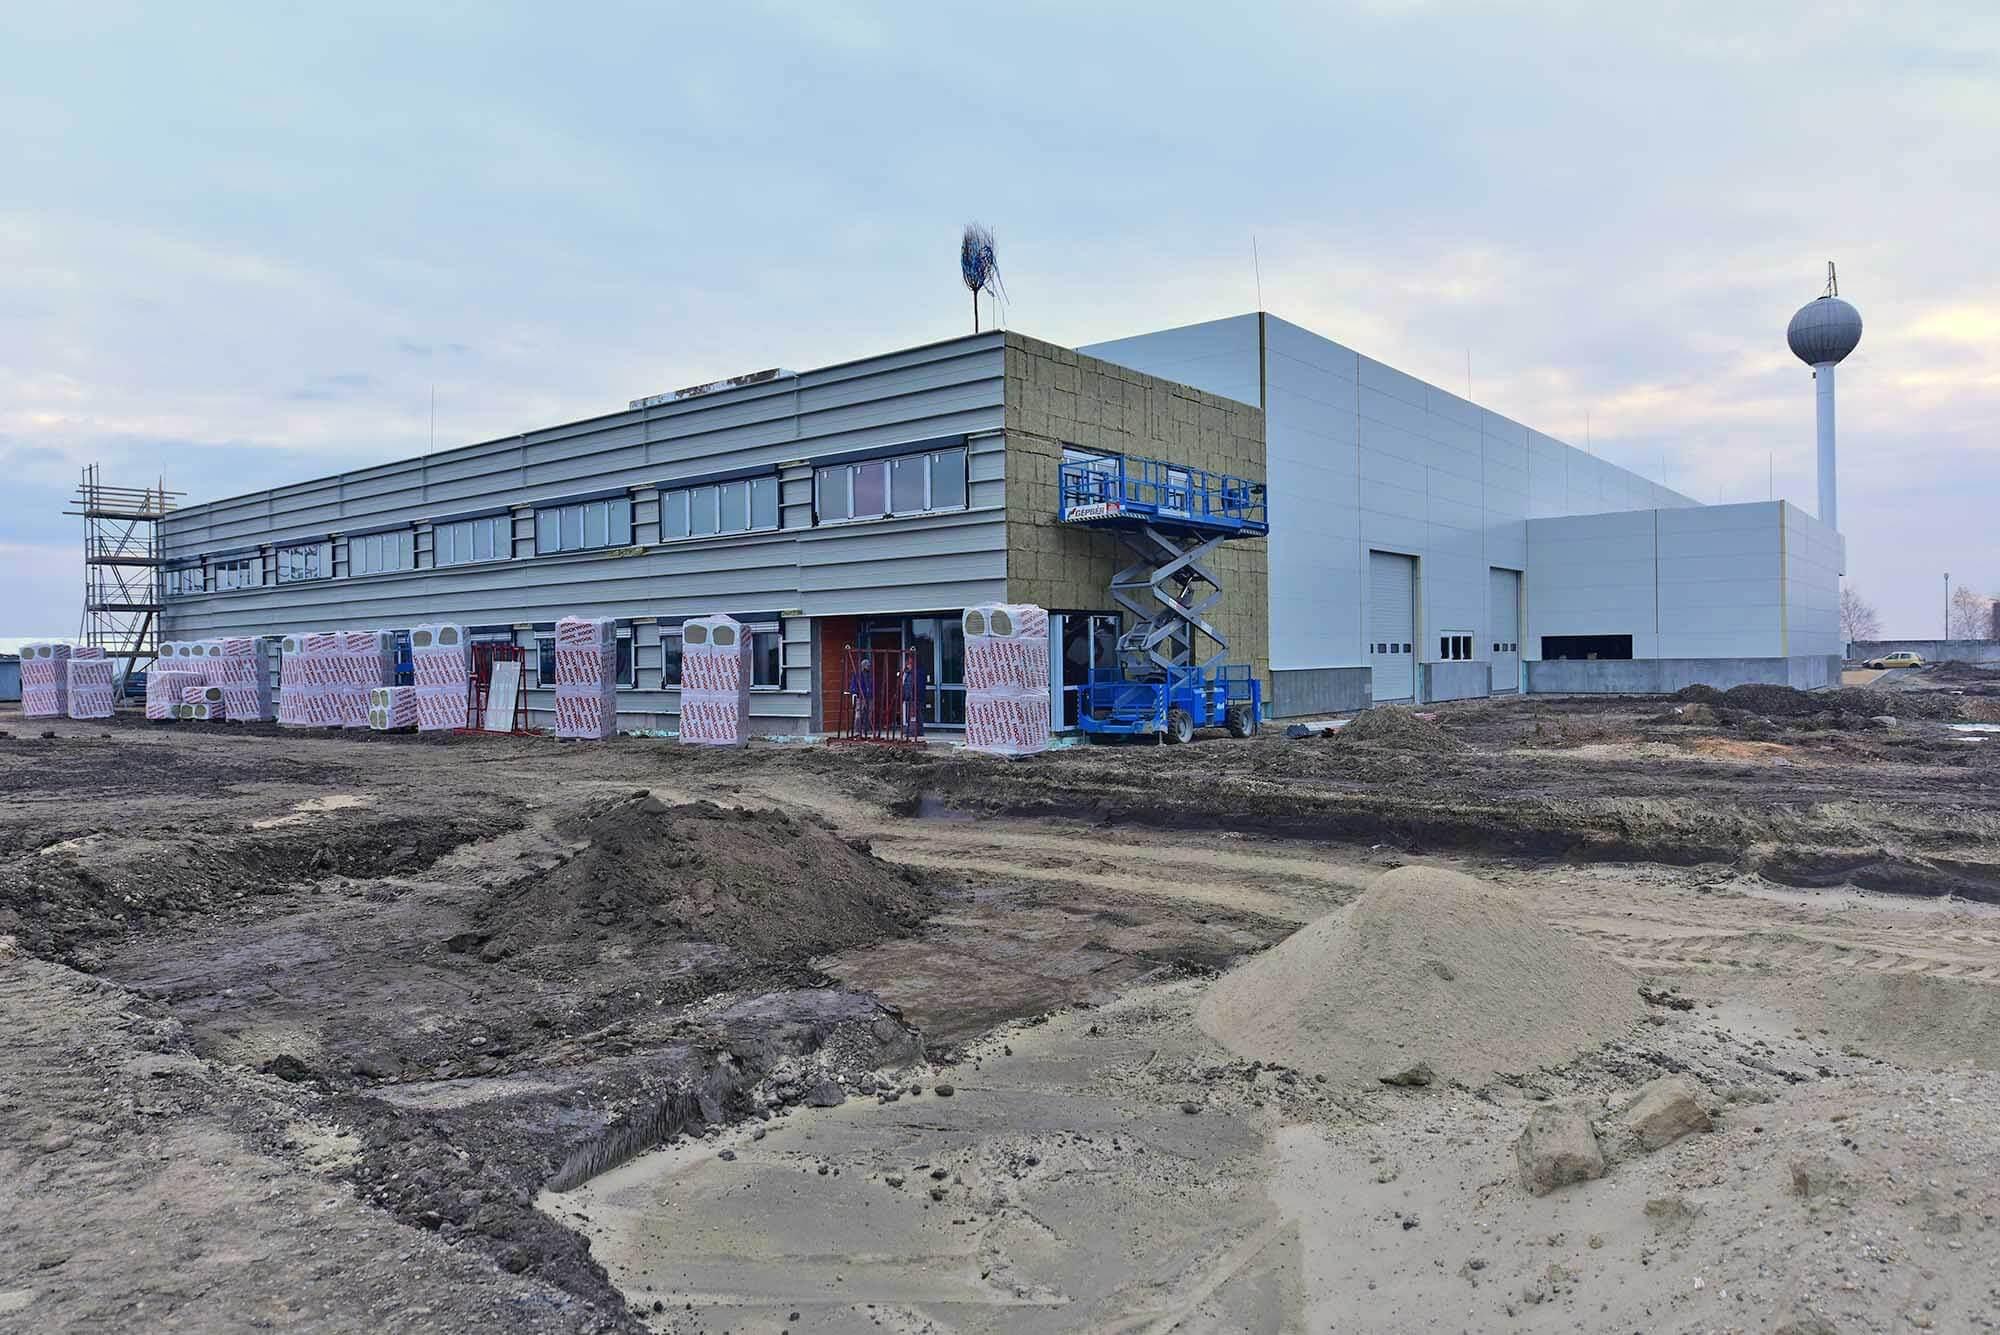 5000 négyzetmétert épít be a Merkbau egy autóipari cég számára